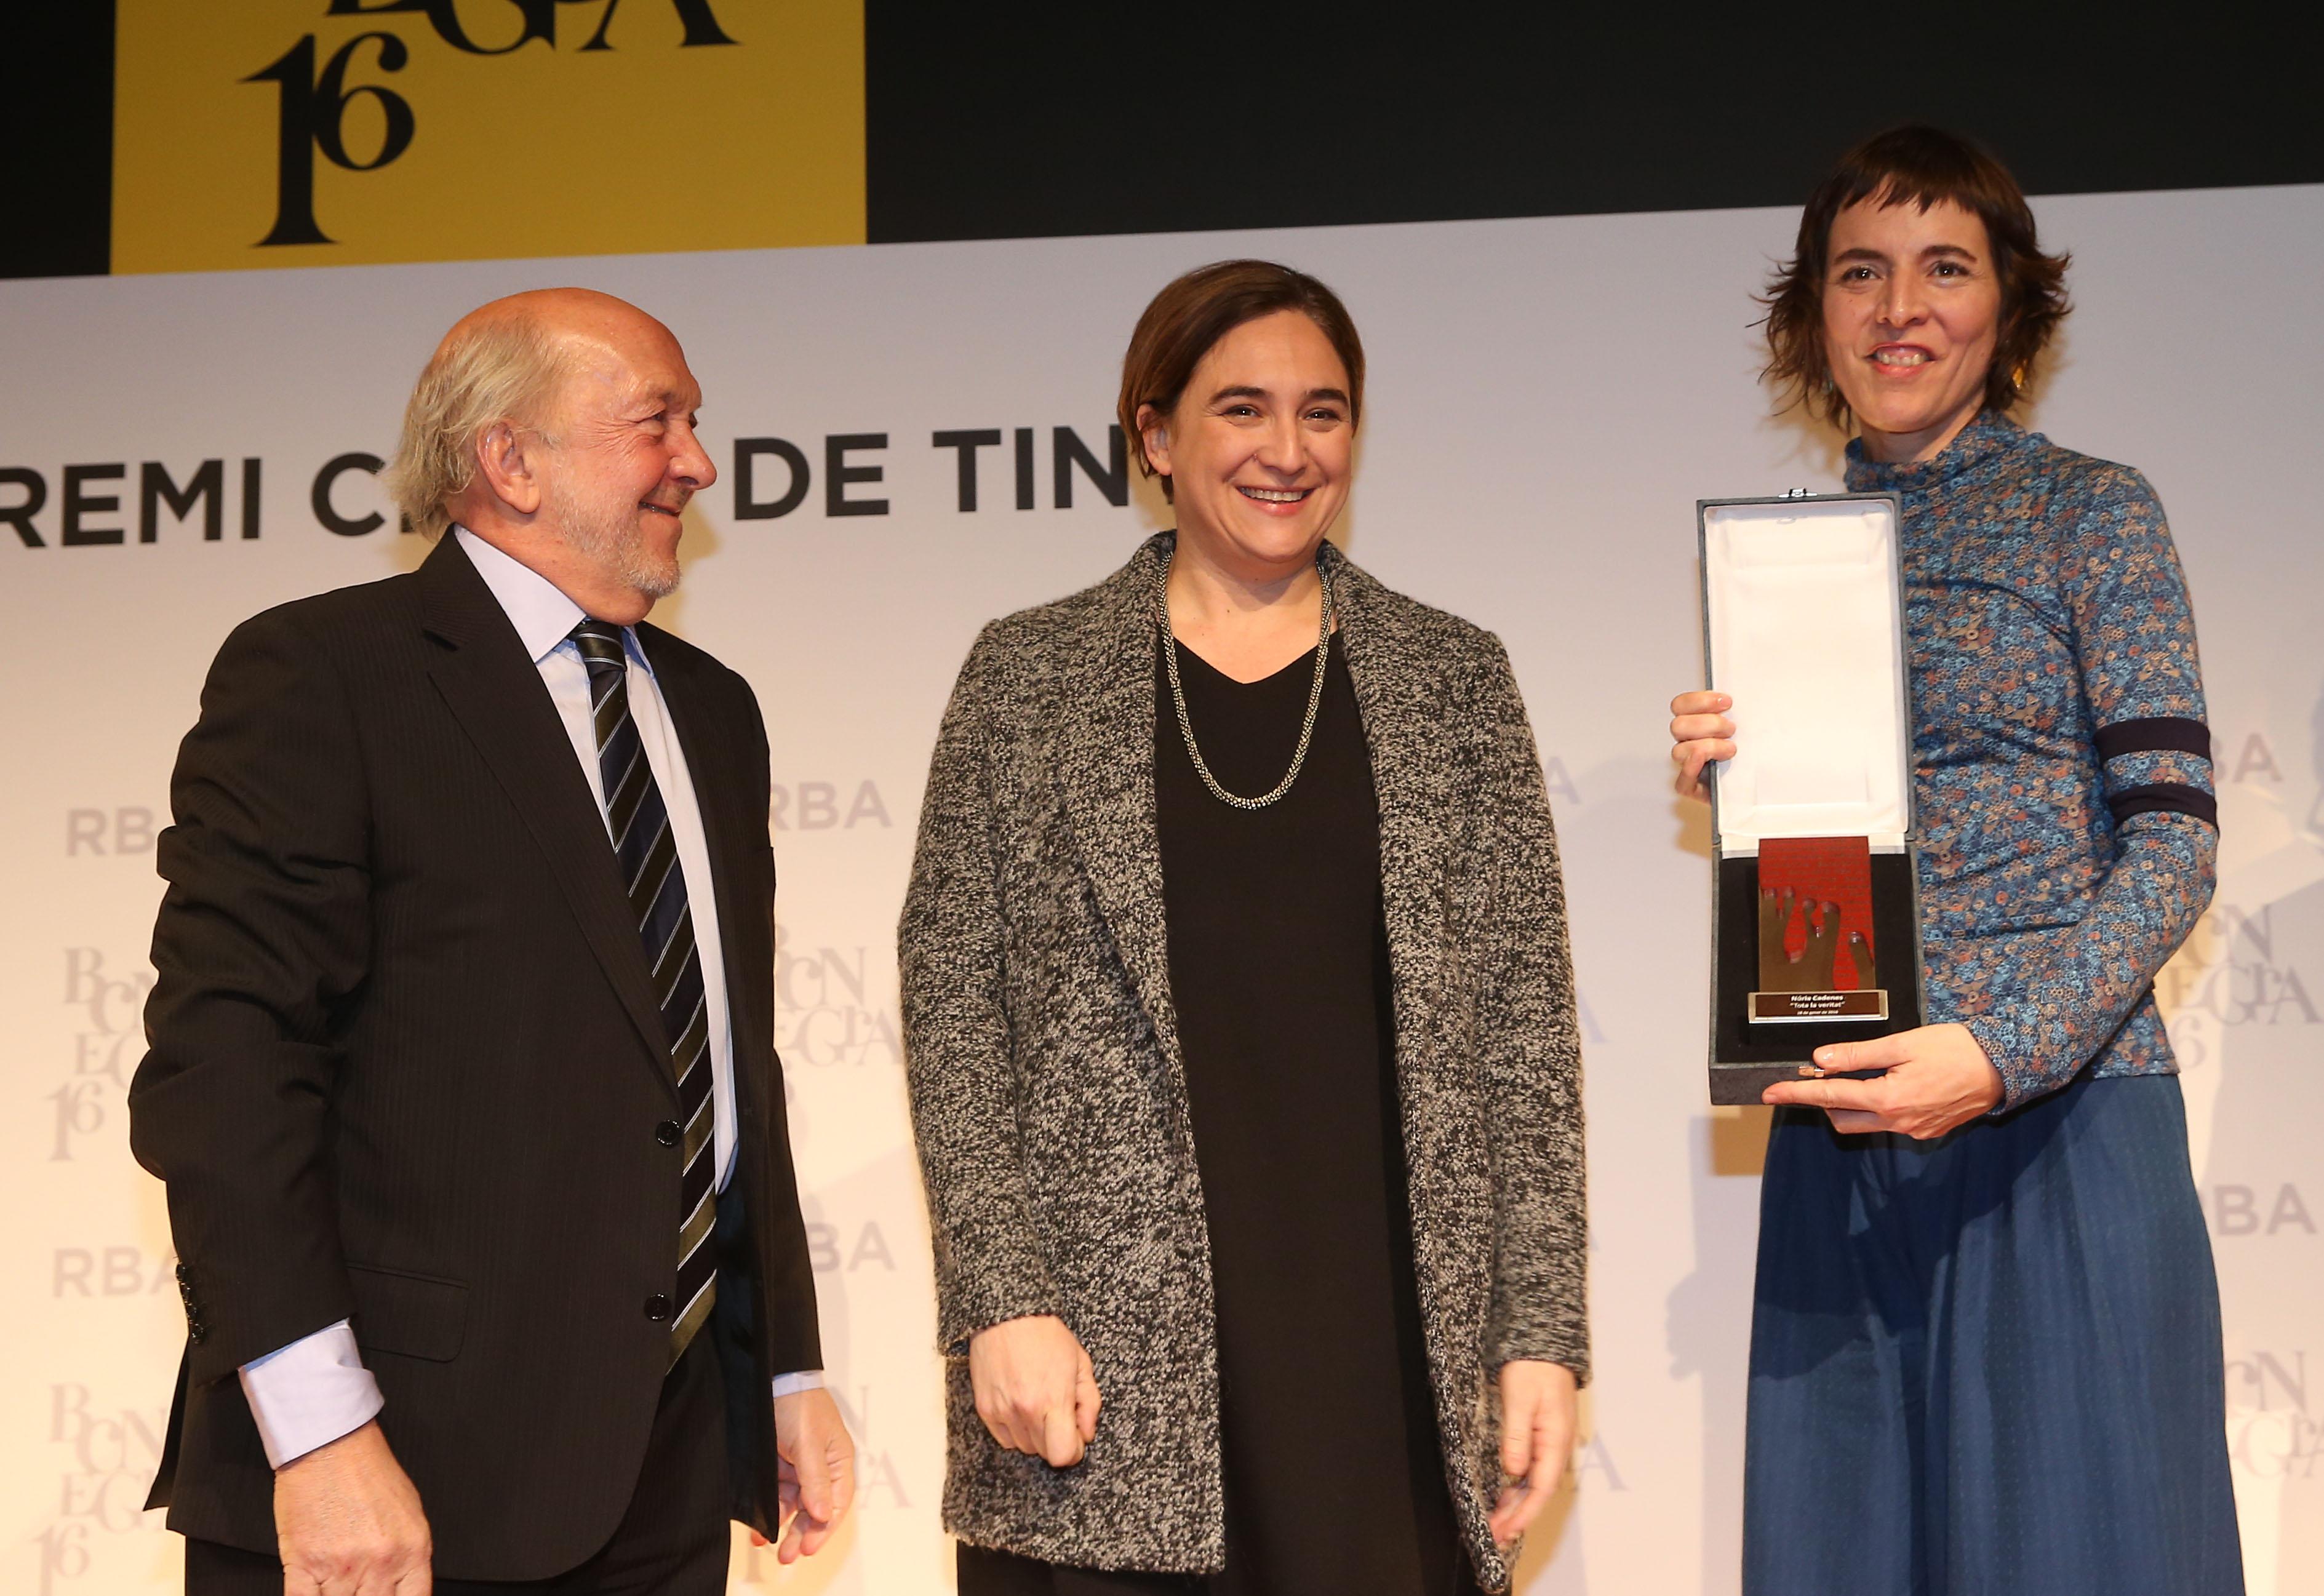 Ricardo Rodrigo, Ada Colau i Núria Cadenes   Premsa RBA.